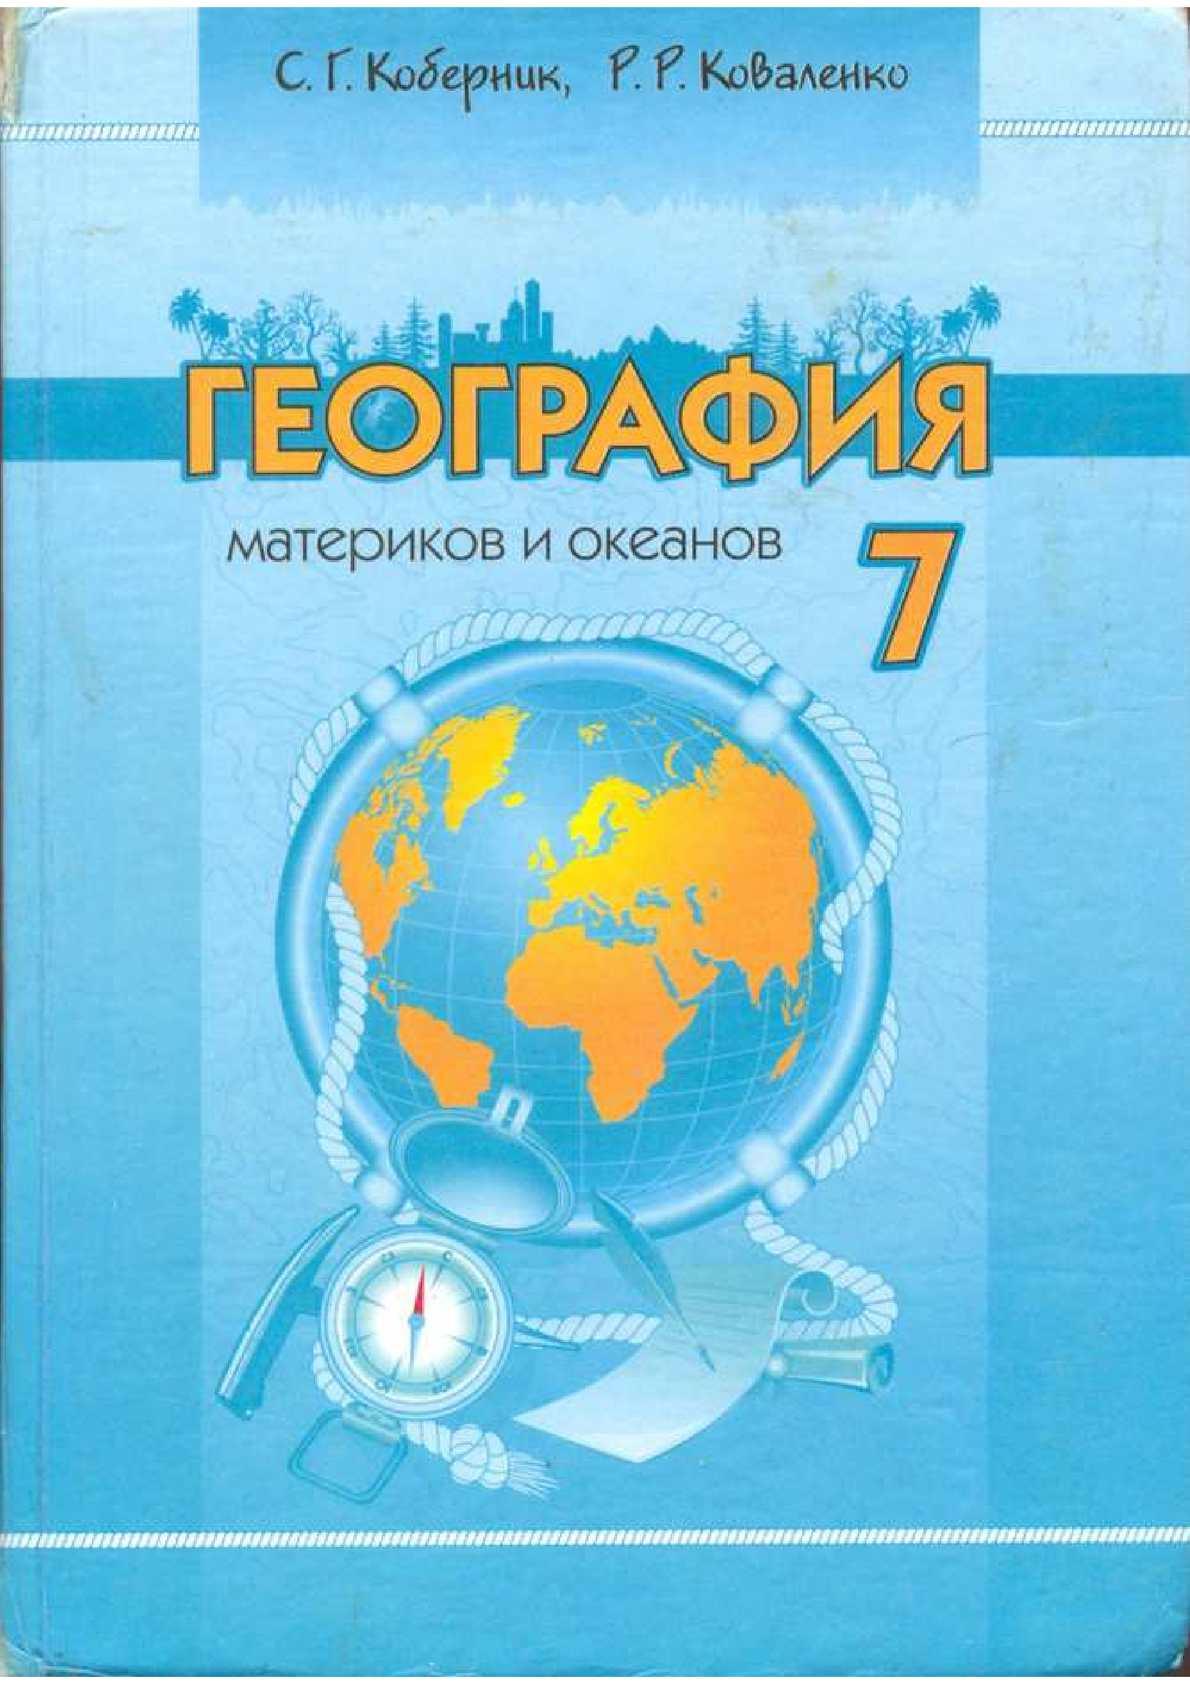 гдз по географии коберник коваленко 7